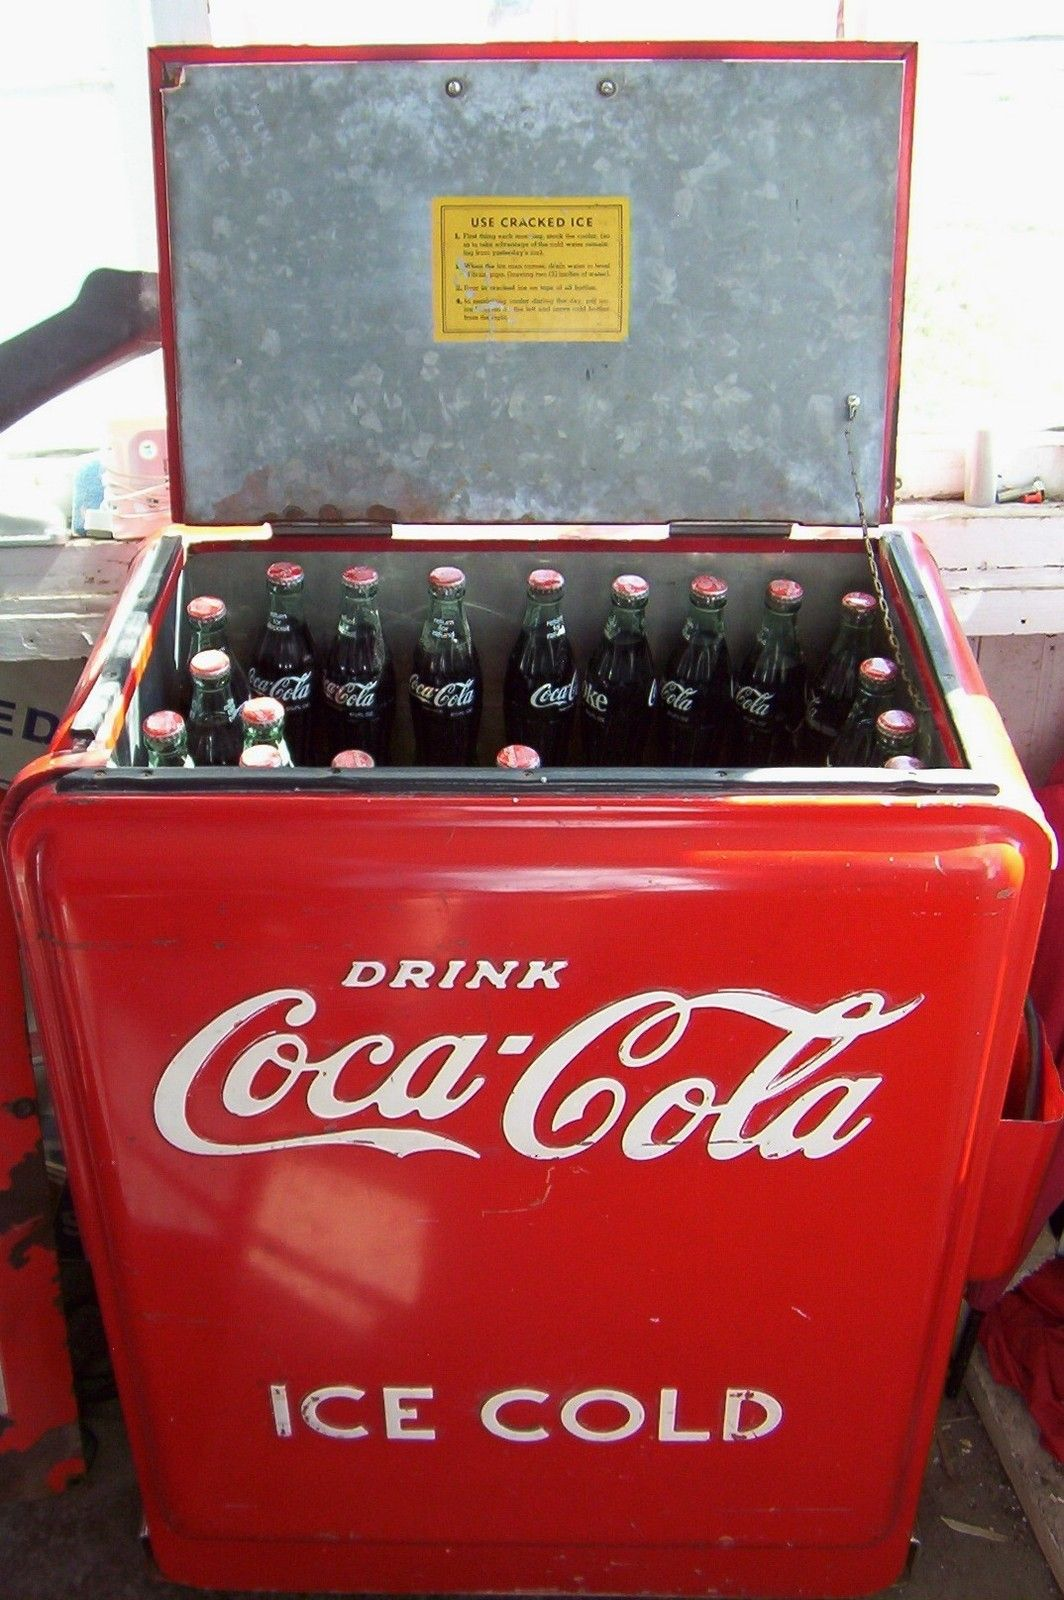 Bath cooler water coke astralink.com: 80